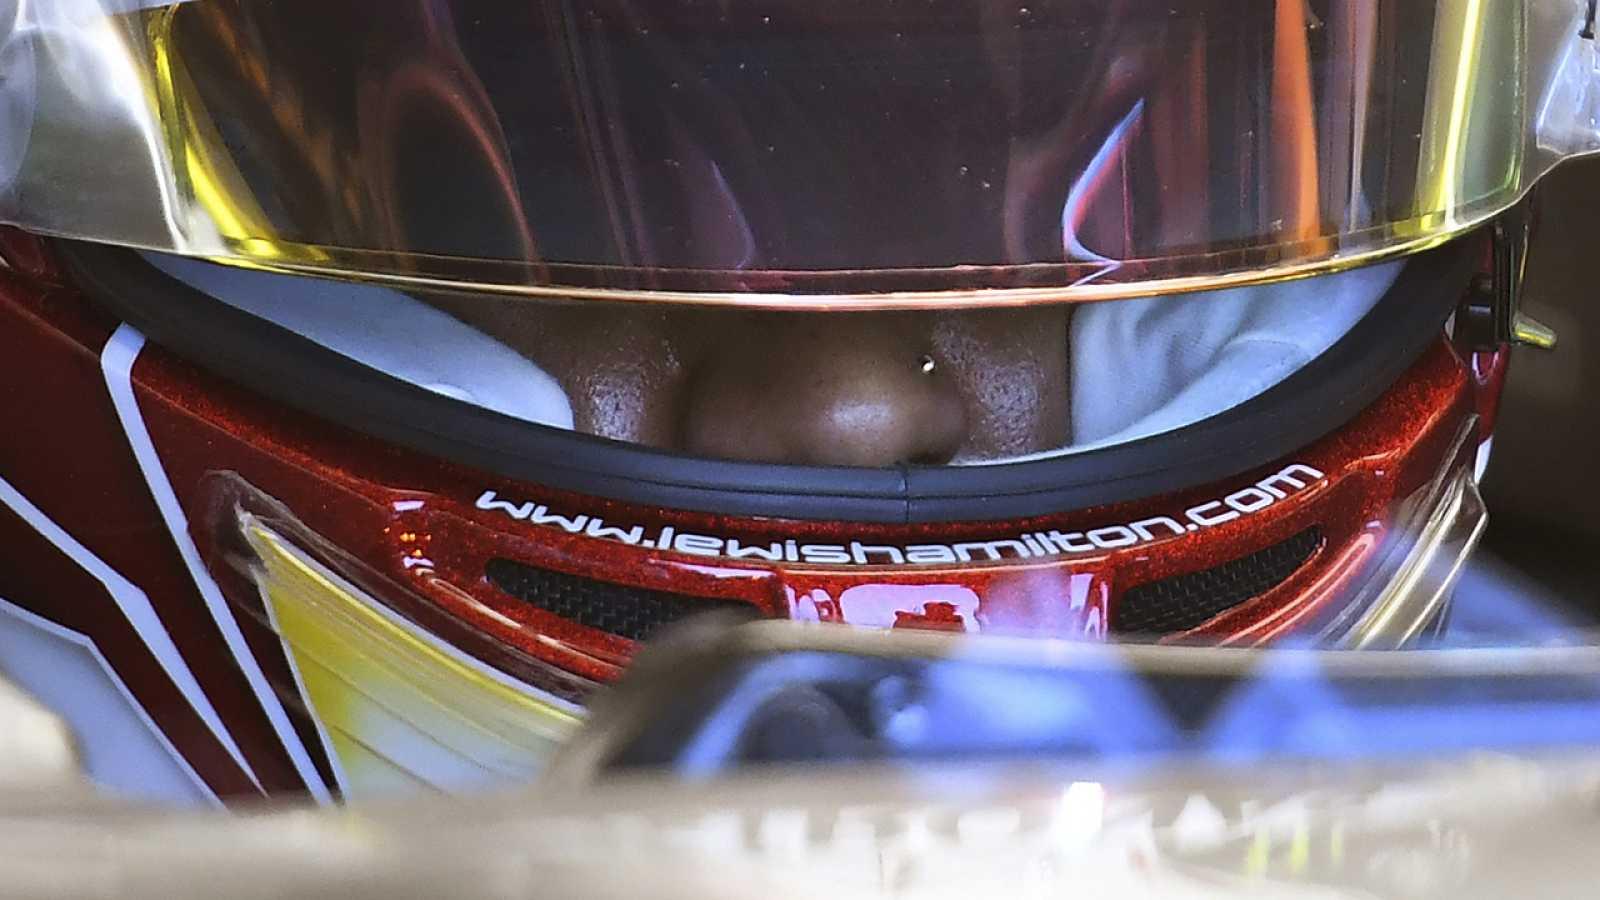 Hamilton, metido en su monoplaza y con el casco puesto durante los entrenamientos del GP de Australia